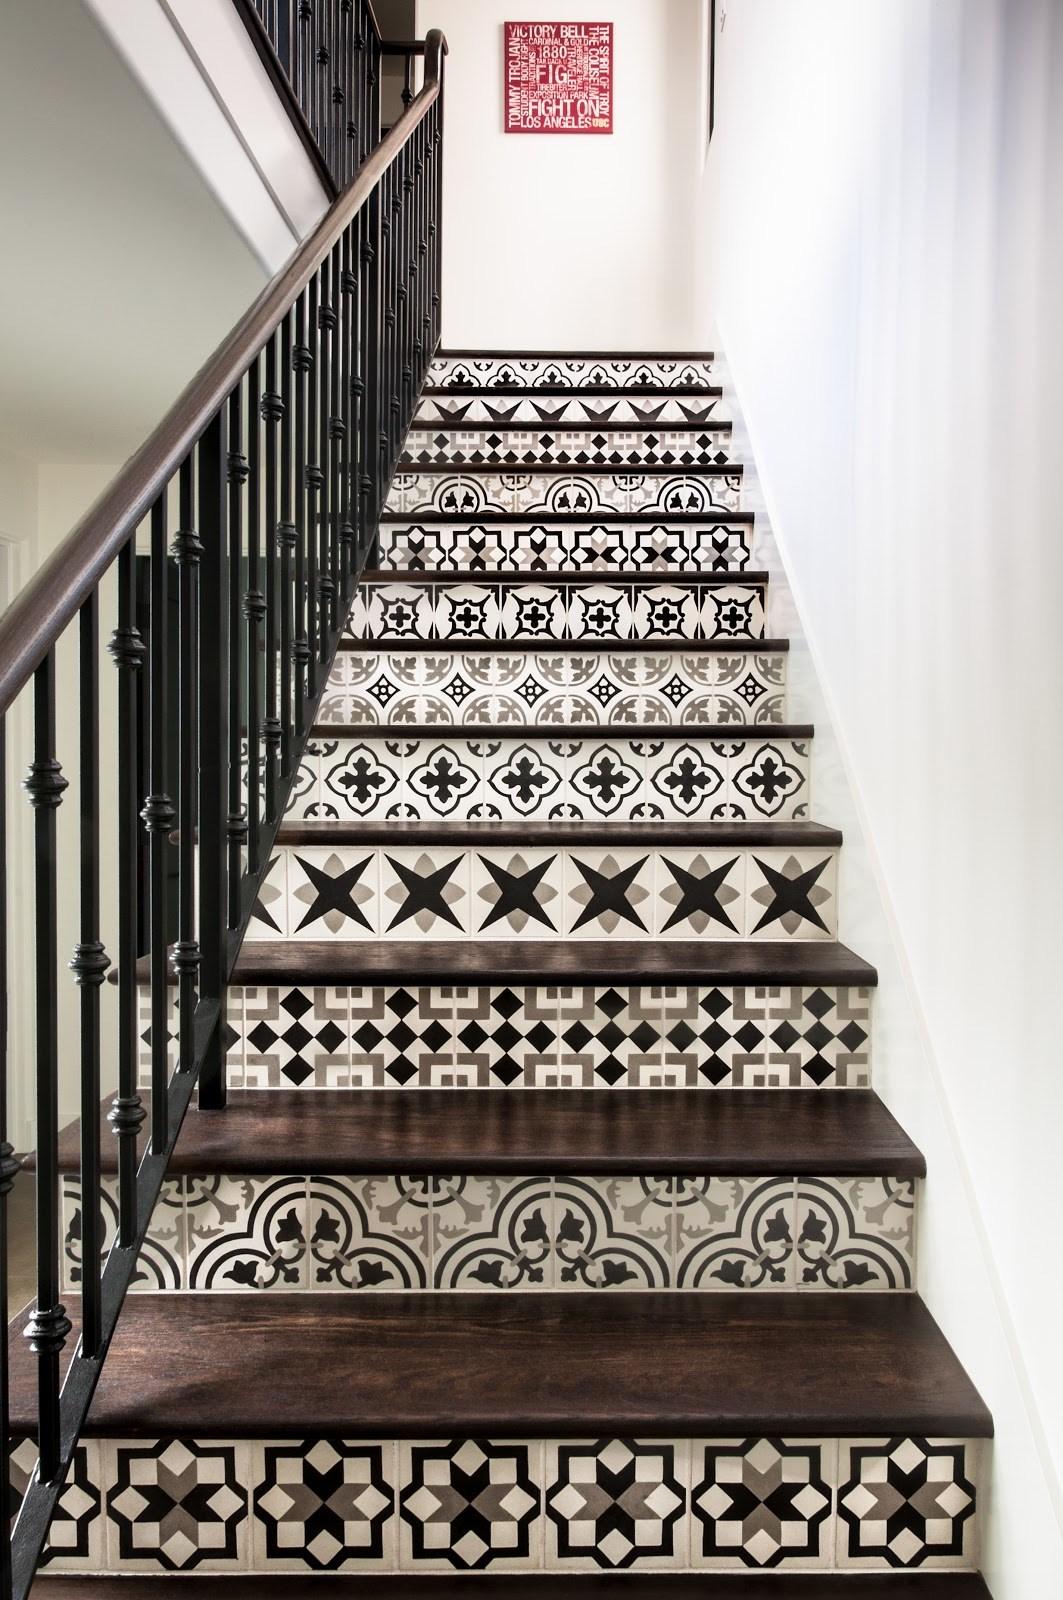 Gt Stair Riser Granada Tile Cement Tile Blog Tile   Stair Riser Tiles Designs